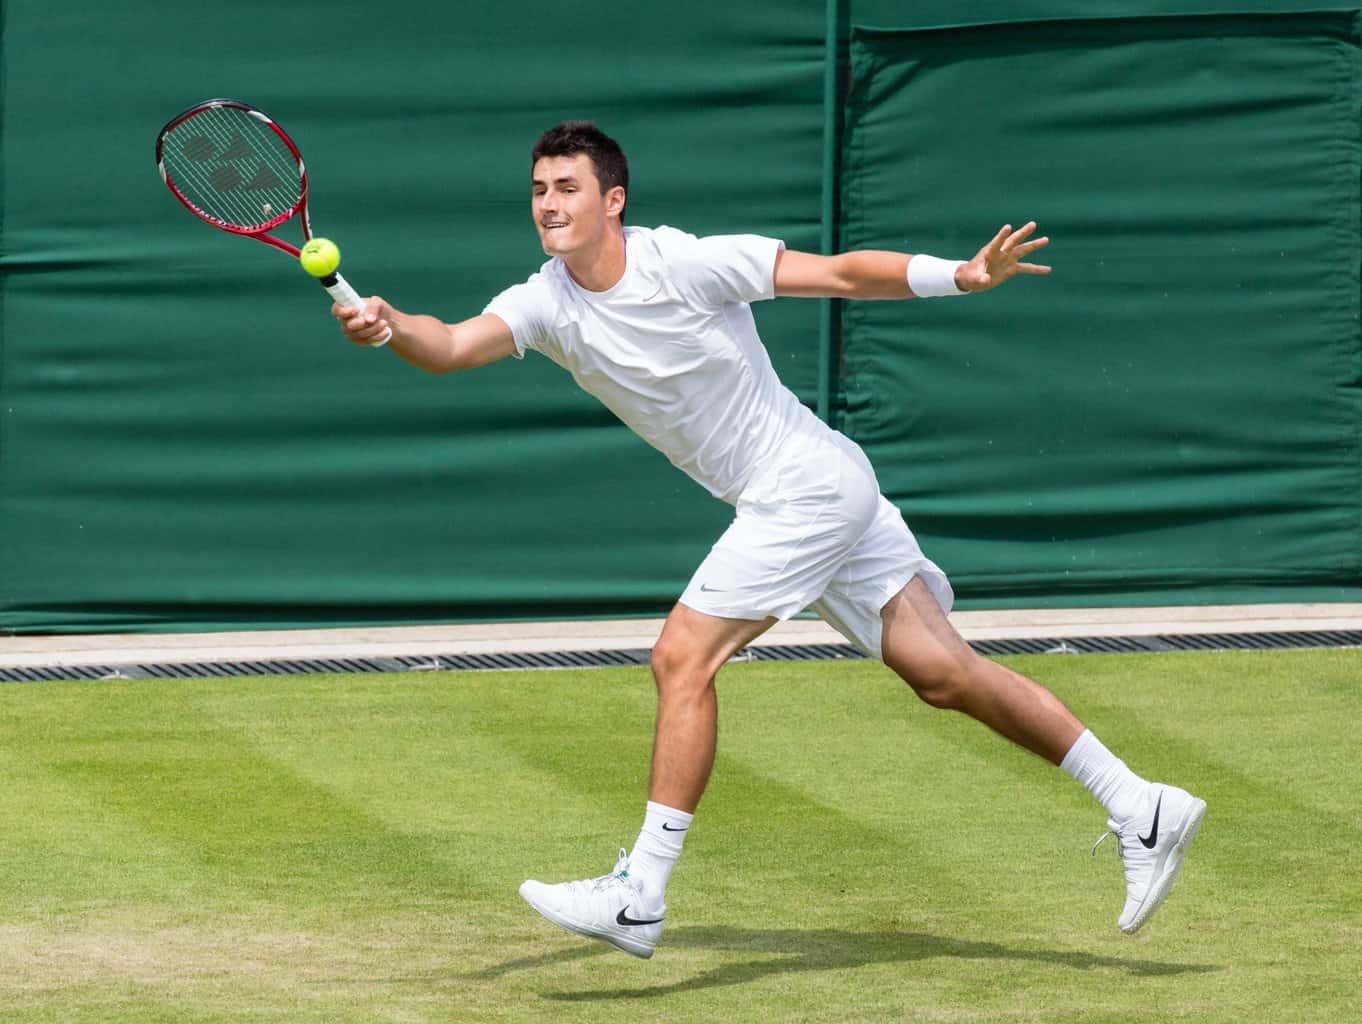 Bernard_Tomic_2,_Wimbledon_2013_-_Diliff